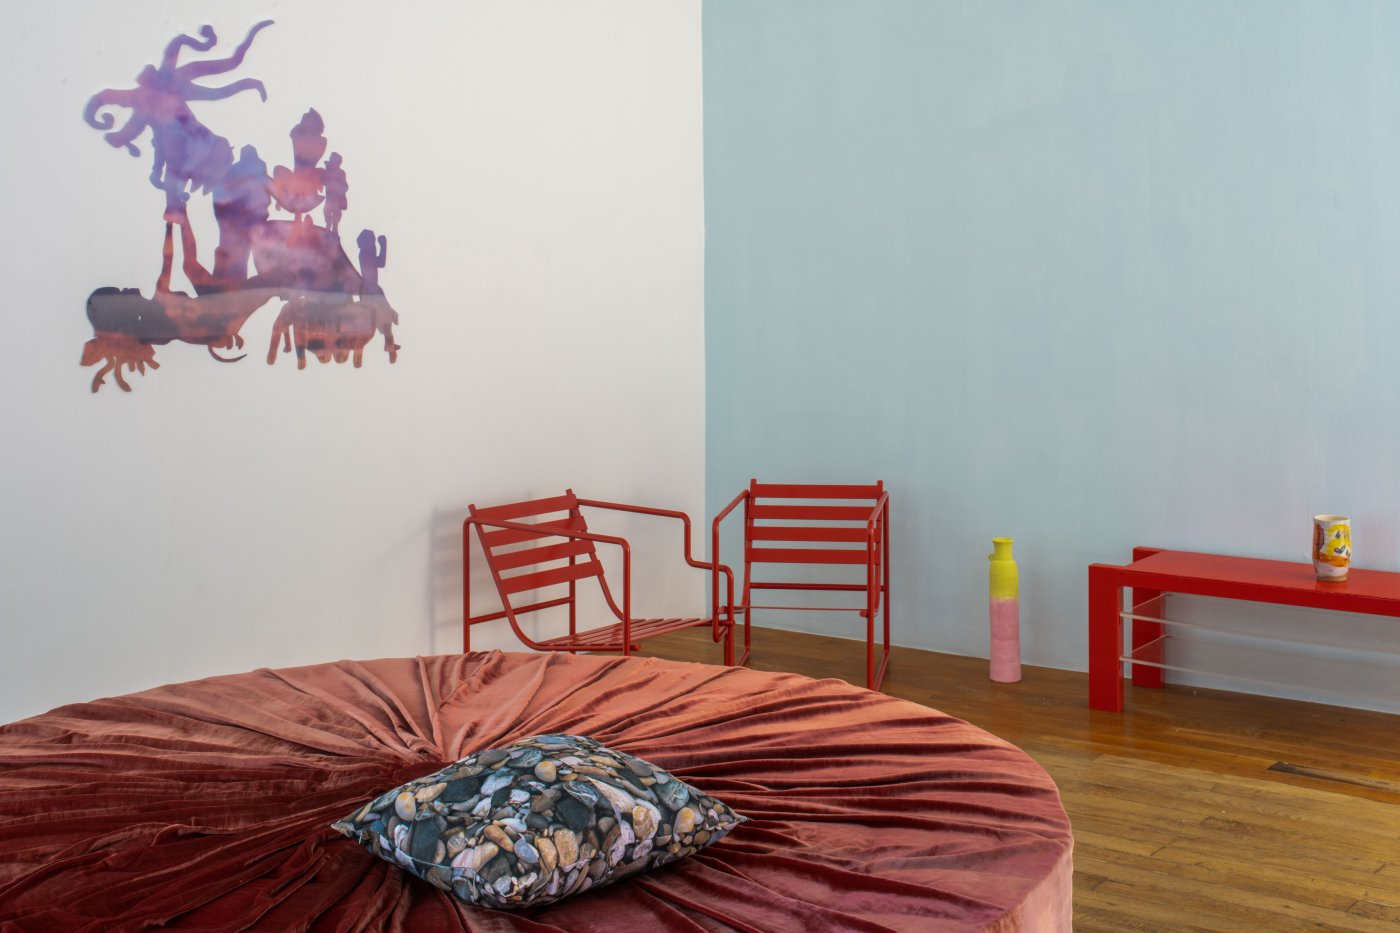 Galerie Chantal Crousel Dominique Gonzalez-Foerster 3